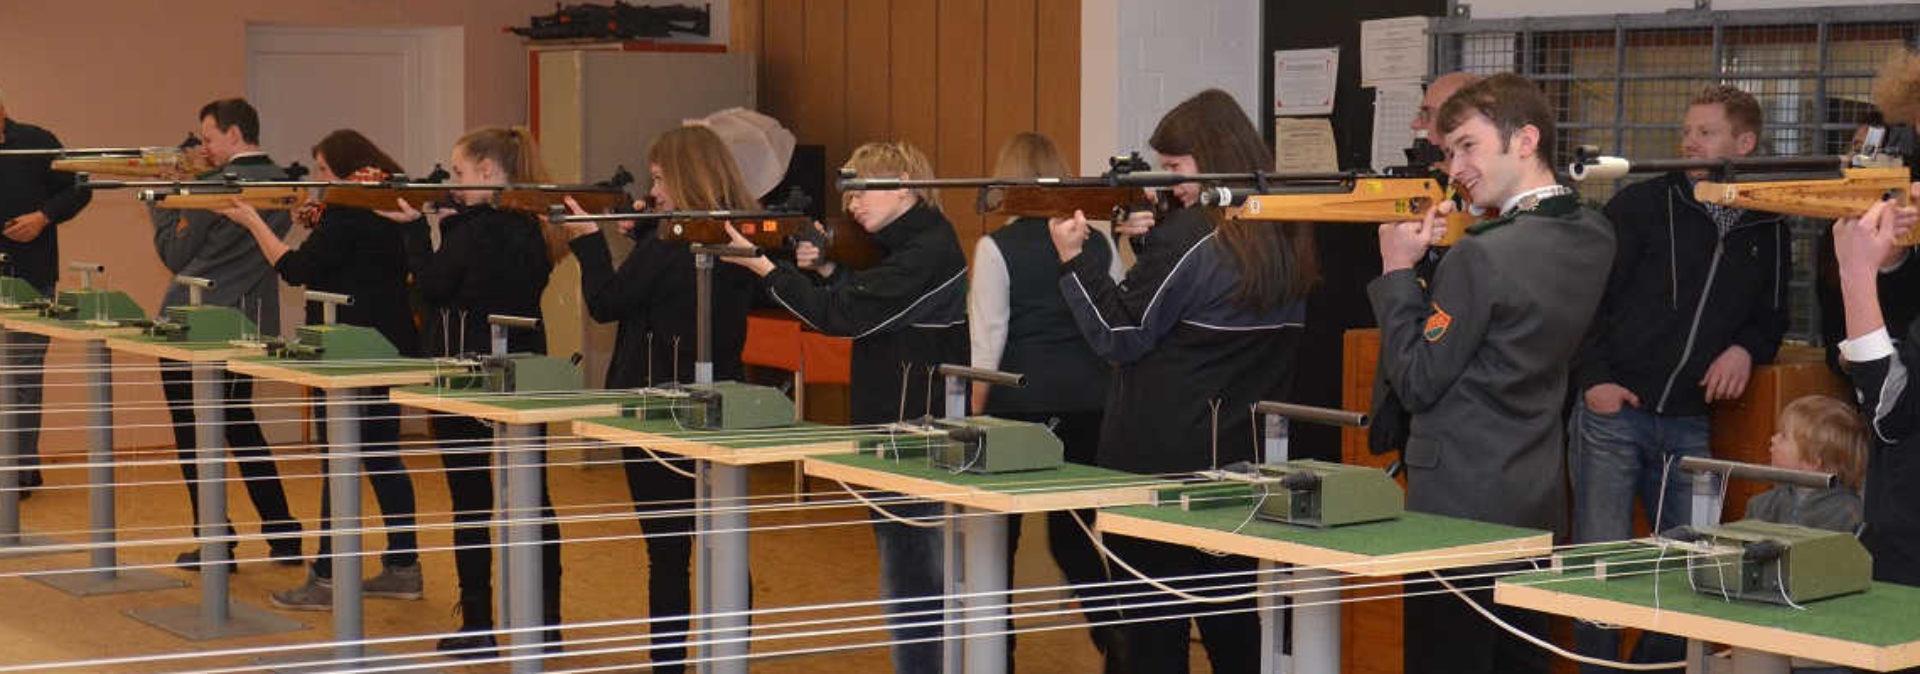 Schützenverein Extum e.V. von 1956